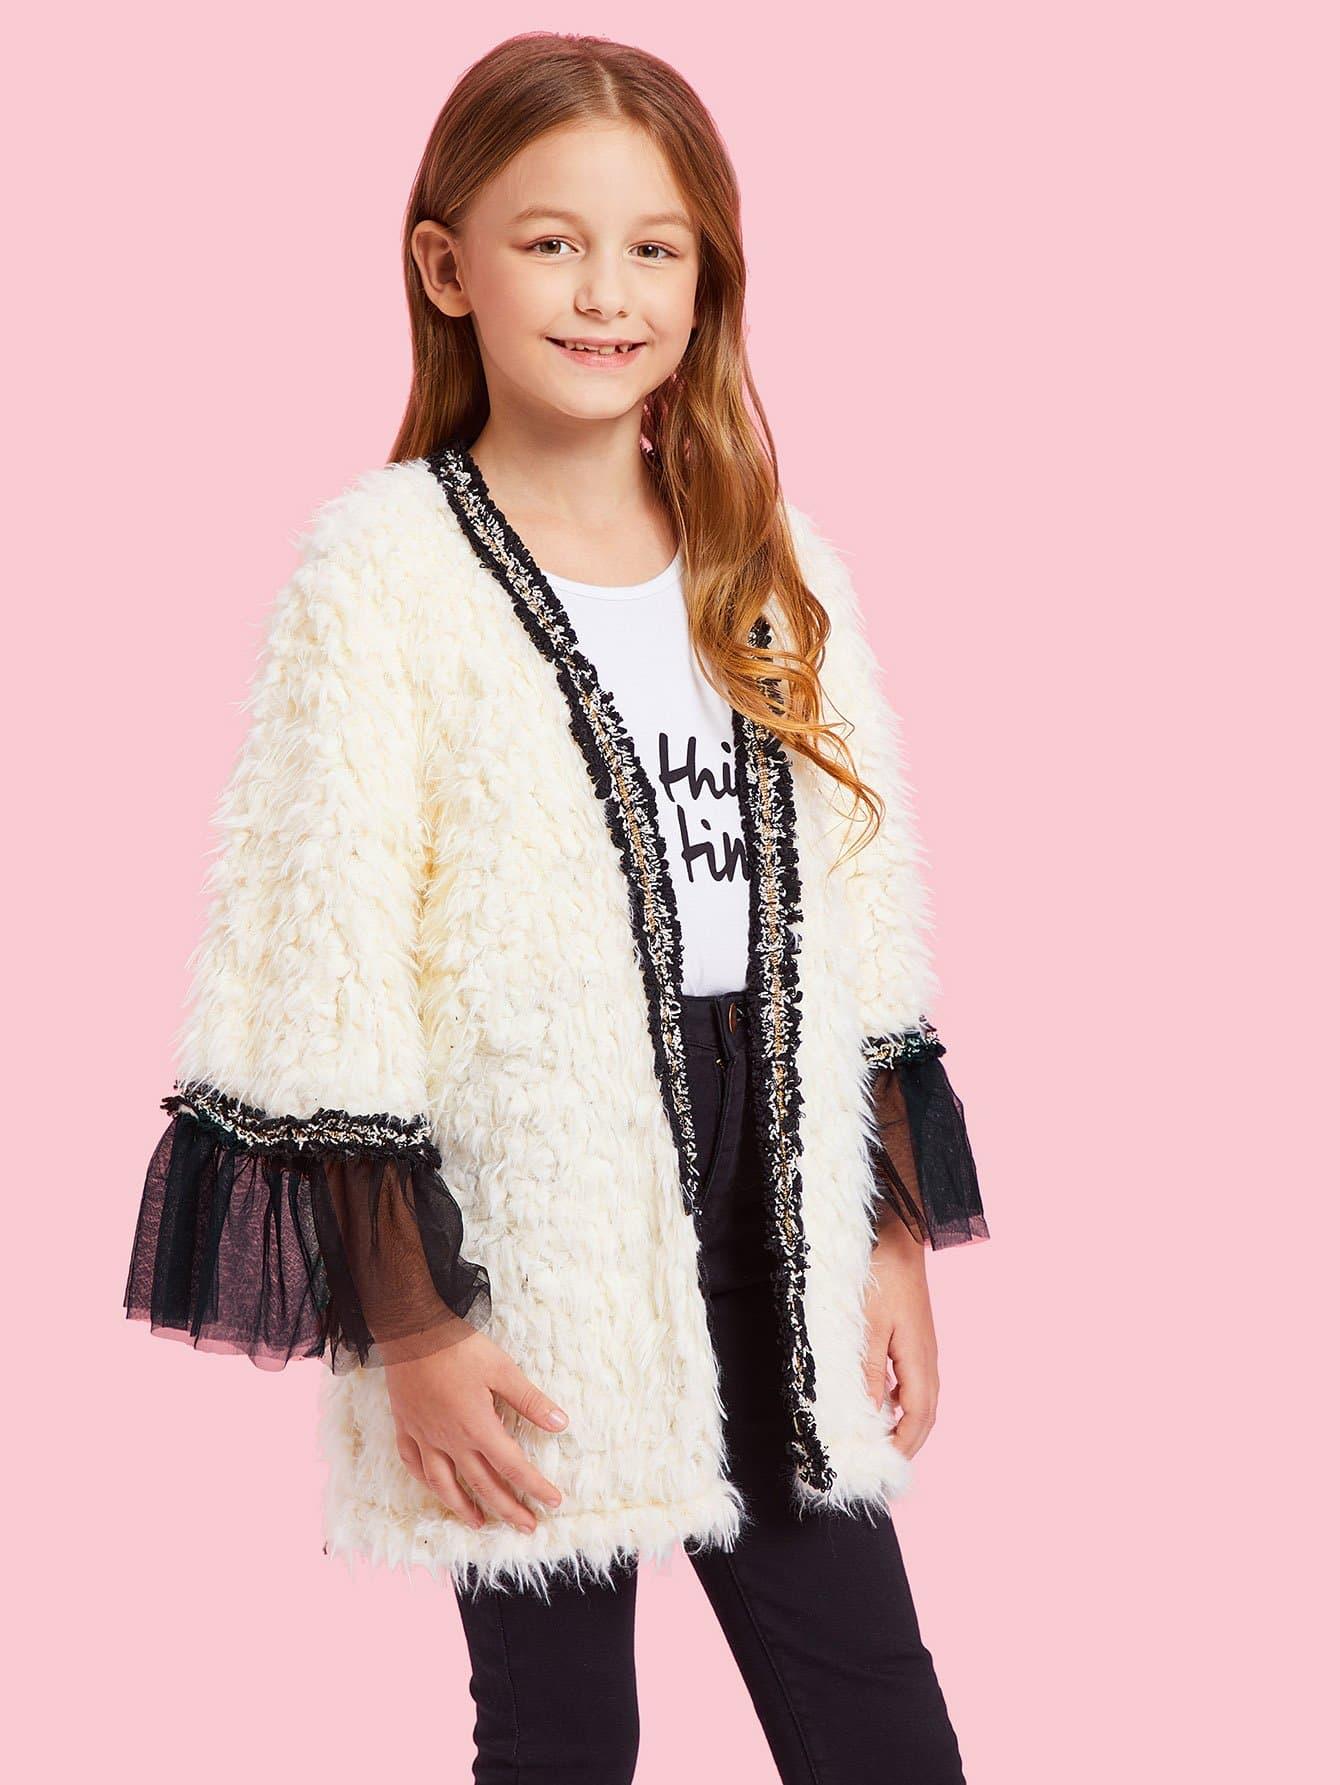 Купить Для девочек куртка из искусственного меха, Sashab, SheIn